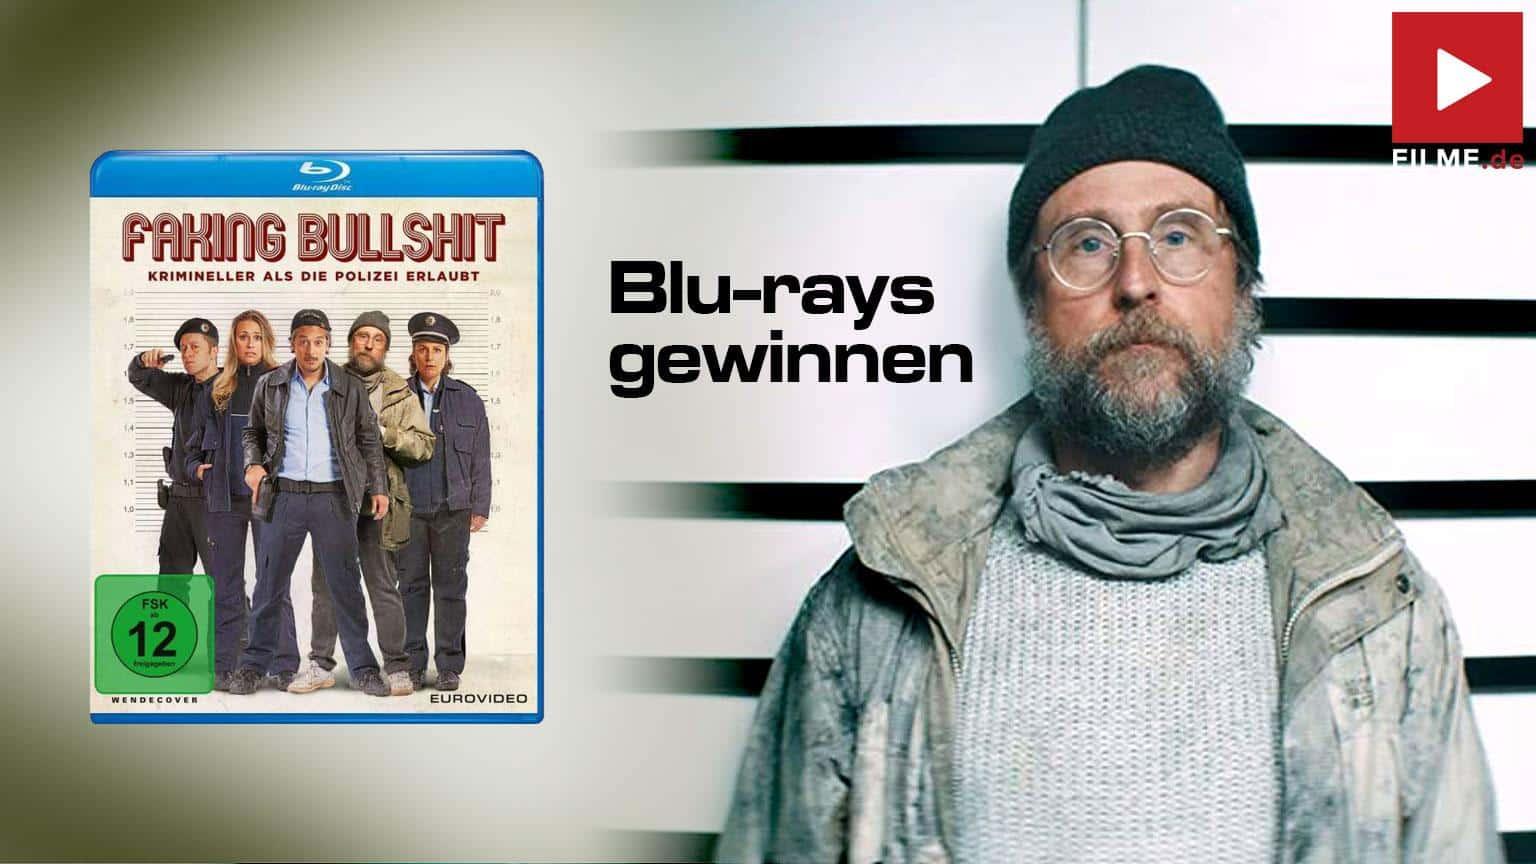 Faking Bullshit Film 2021 Blu-ray DVD Gewinnspiel gewinnen shop kaufen Artikelbild